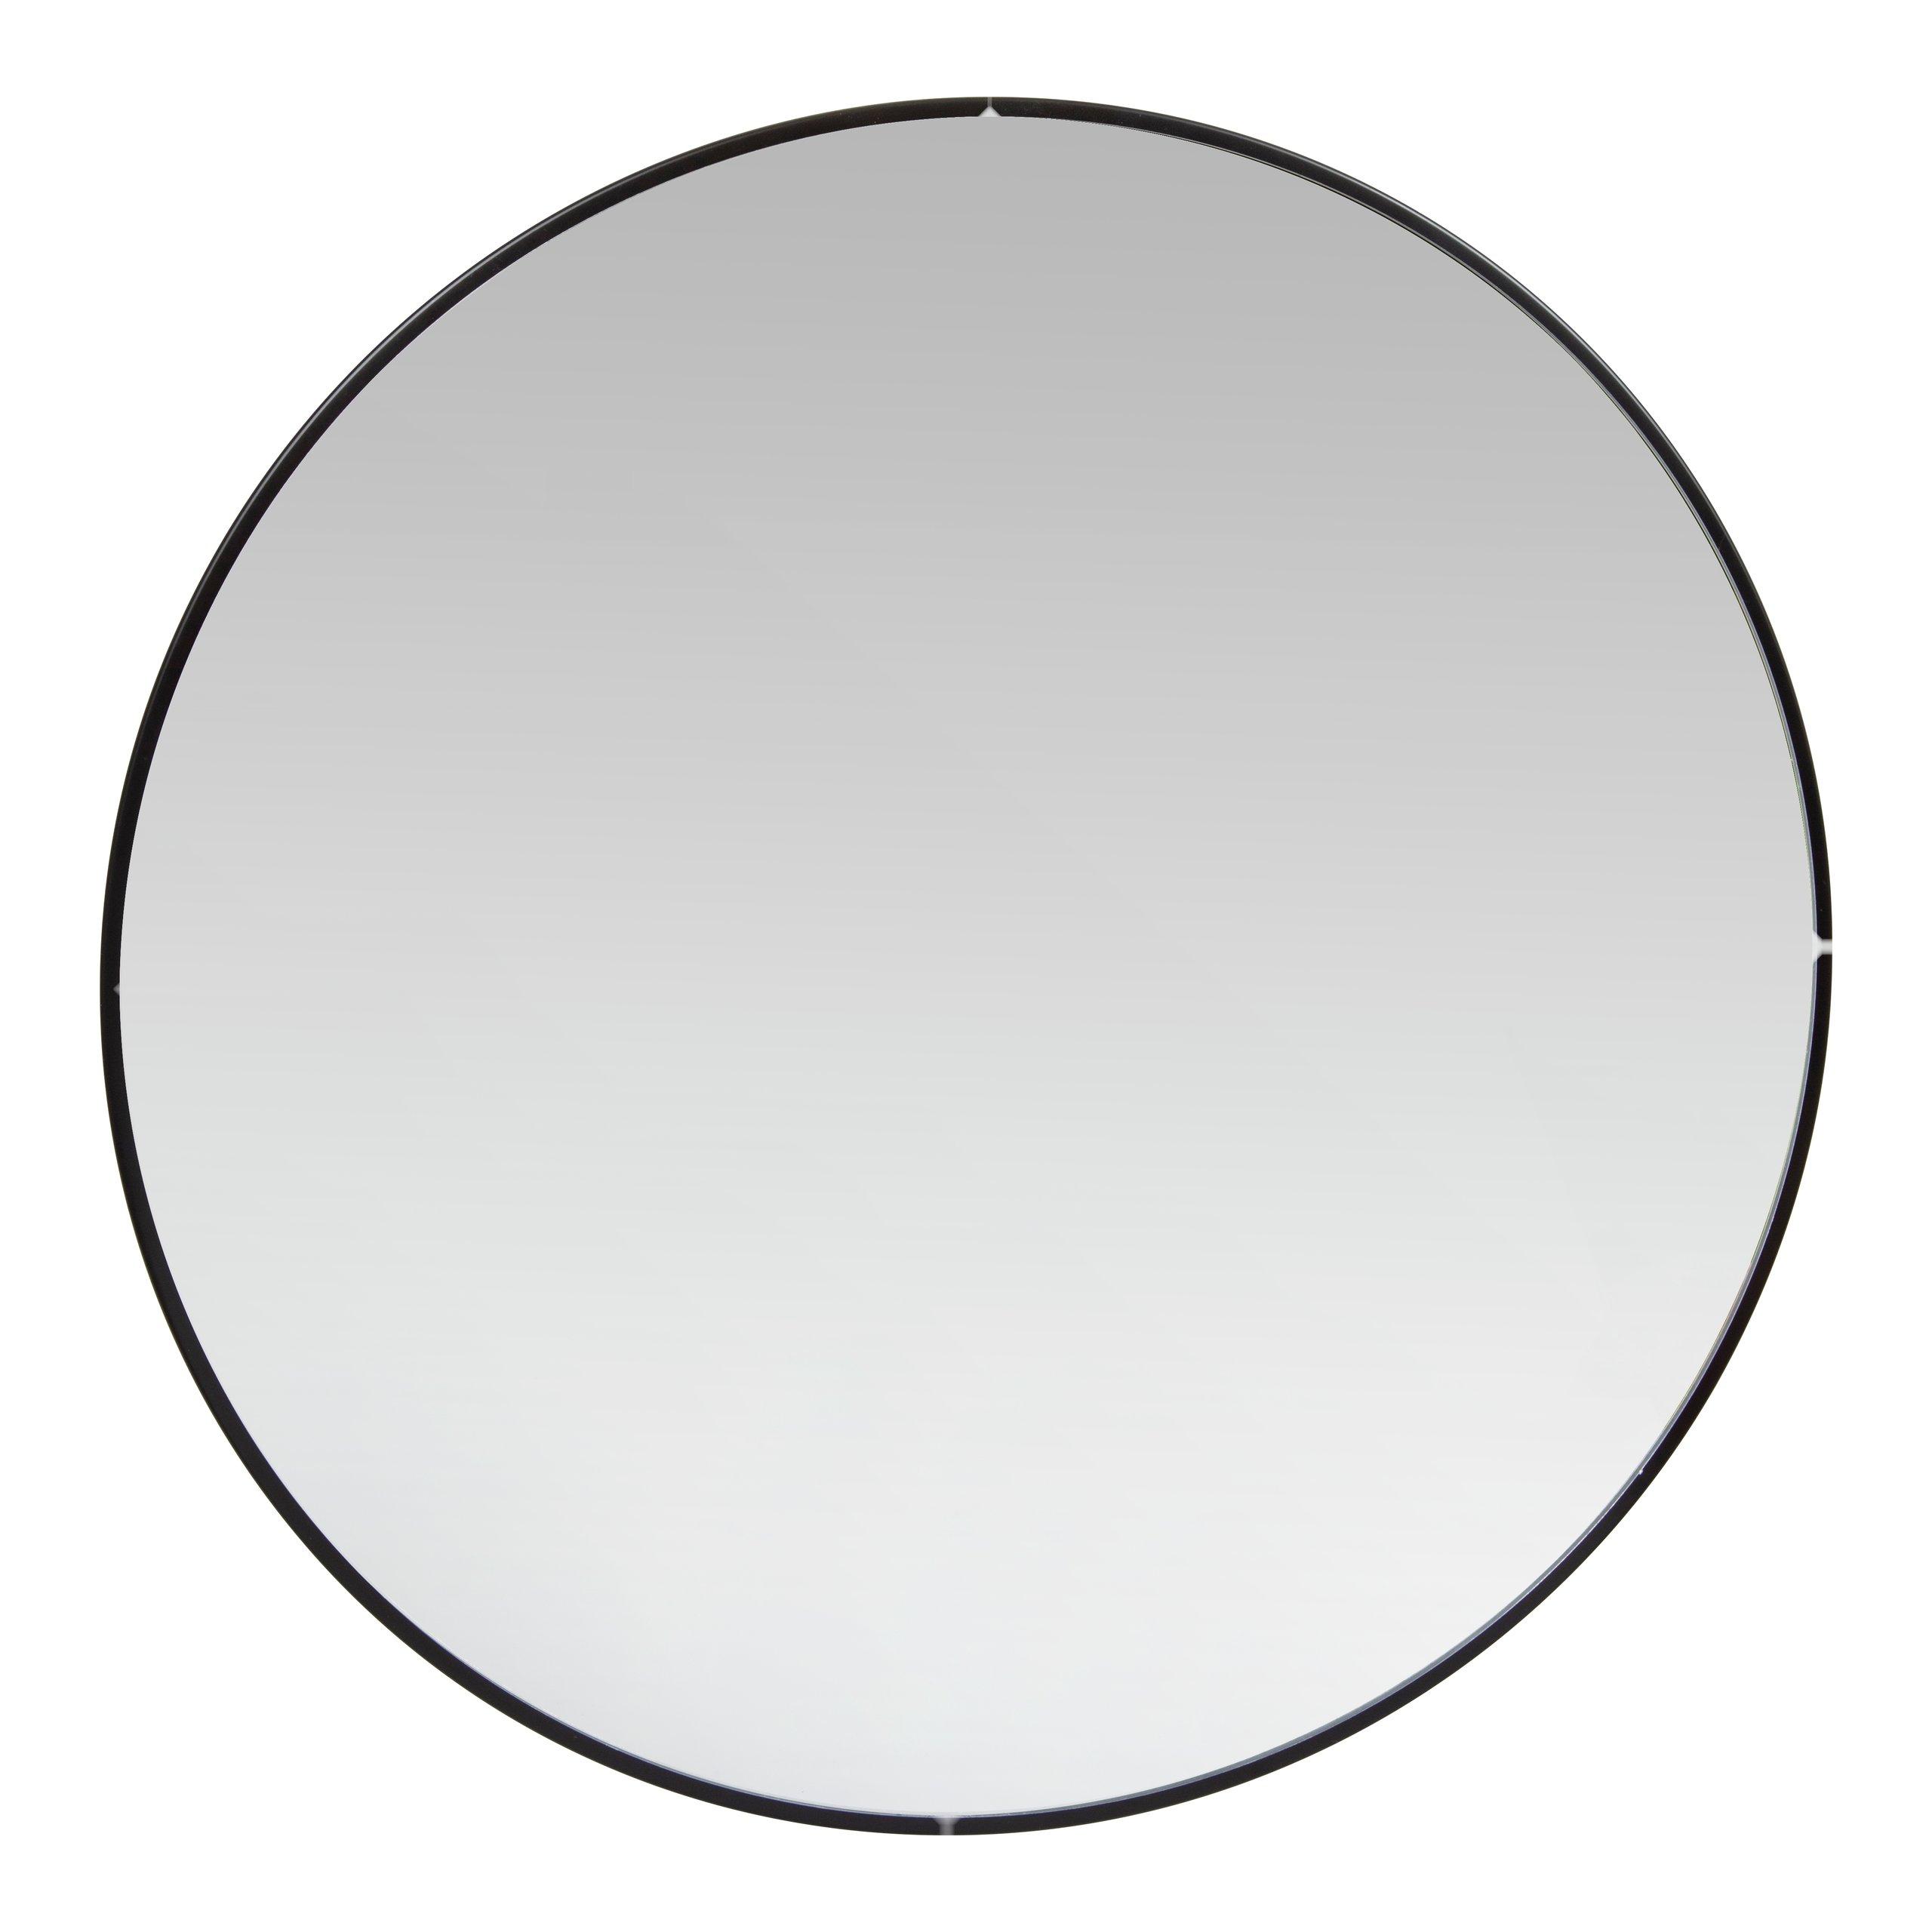 SPEIL RUND Ø40CM SOTET GLASS-101217